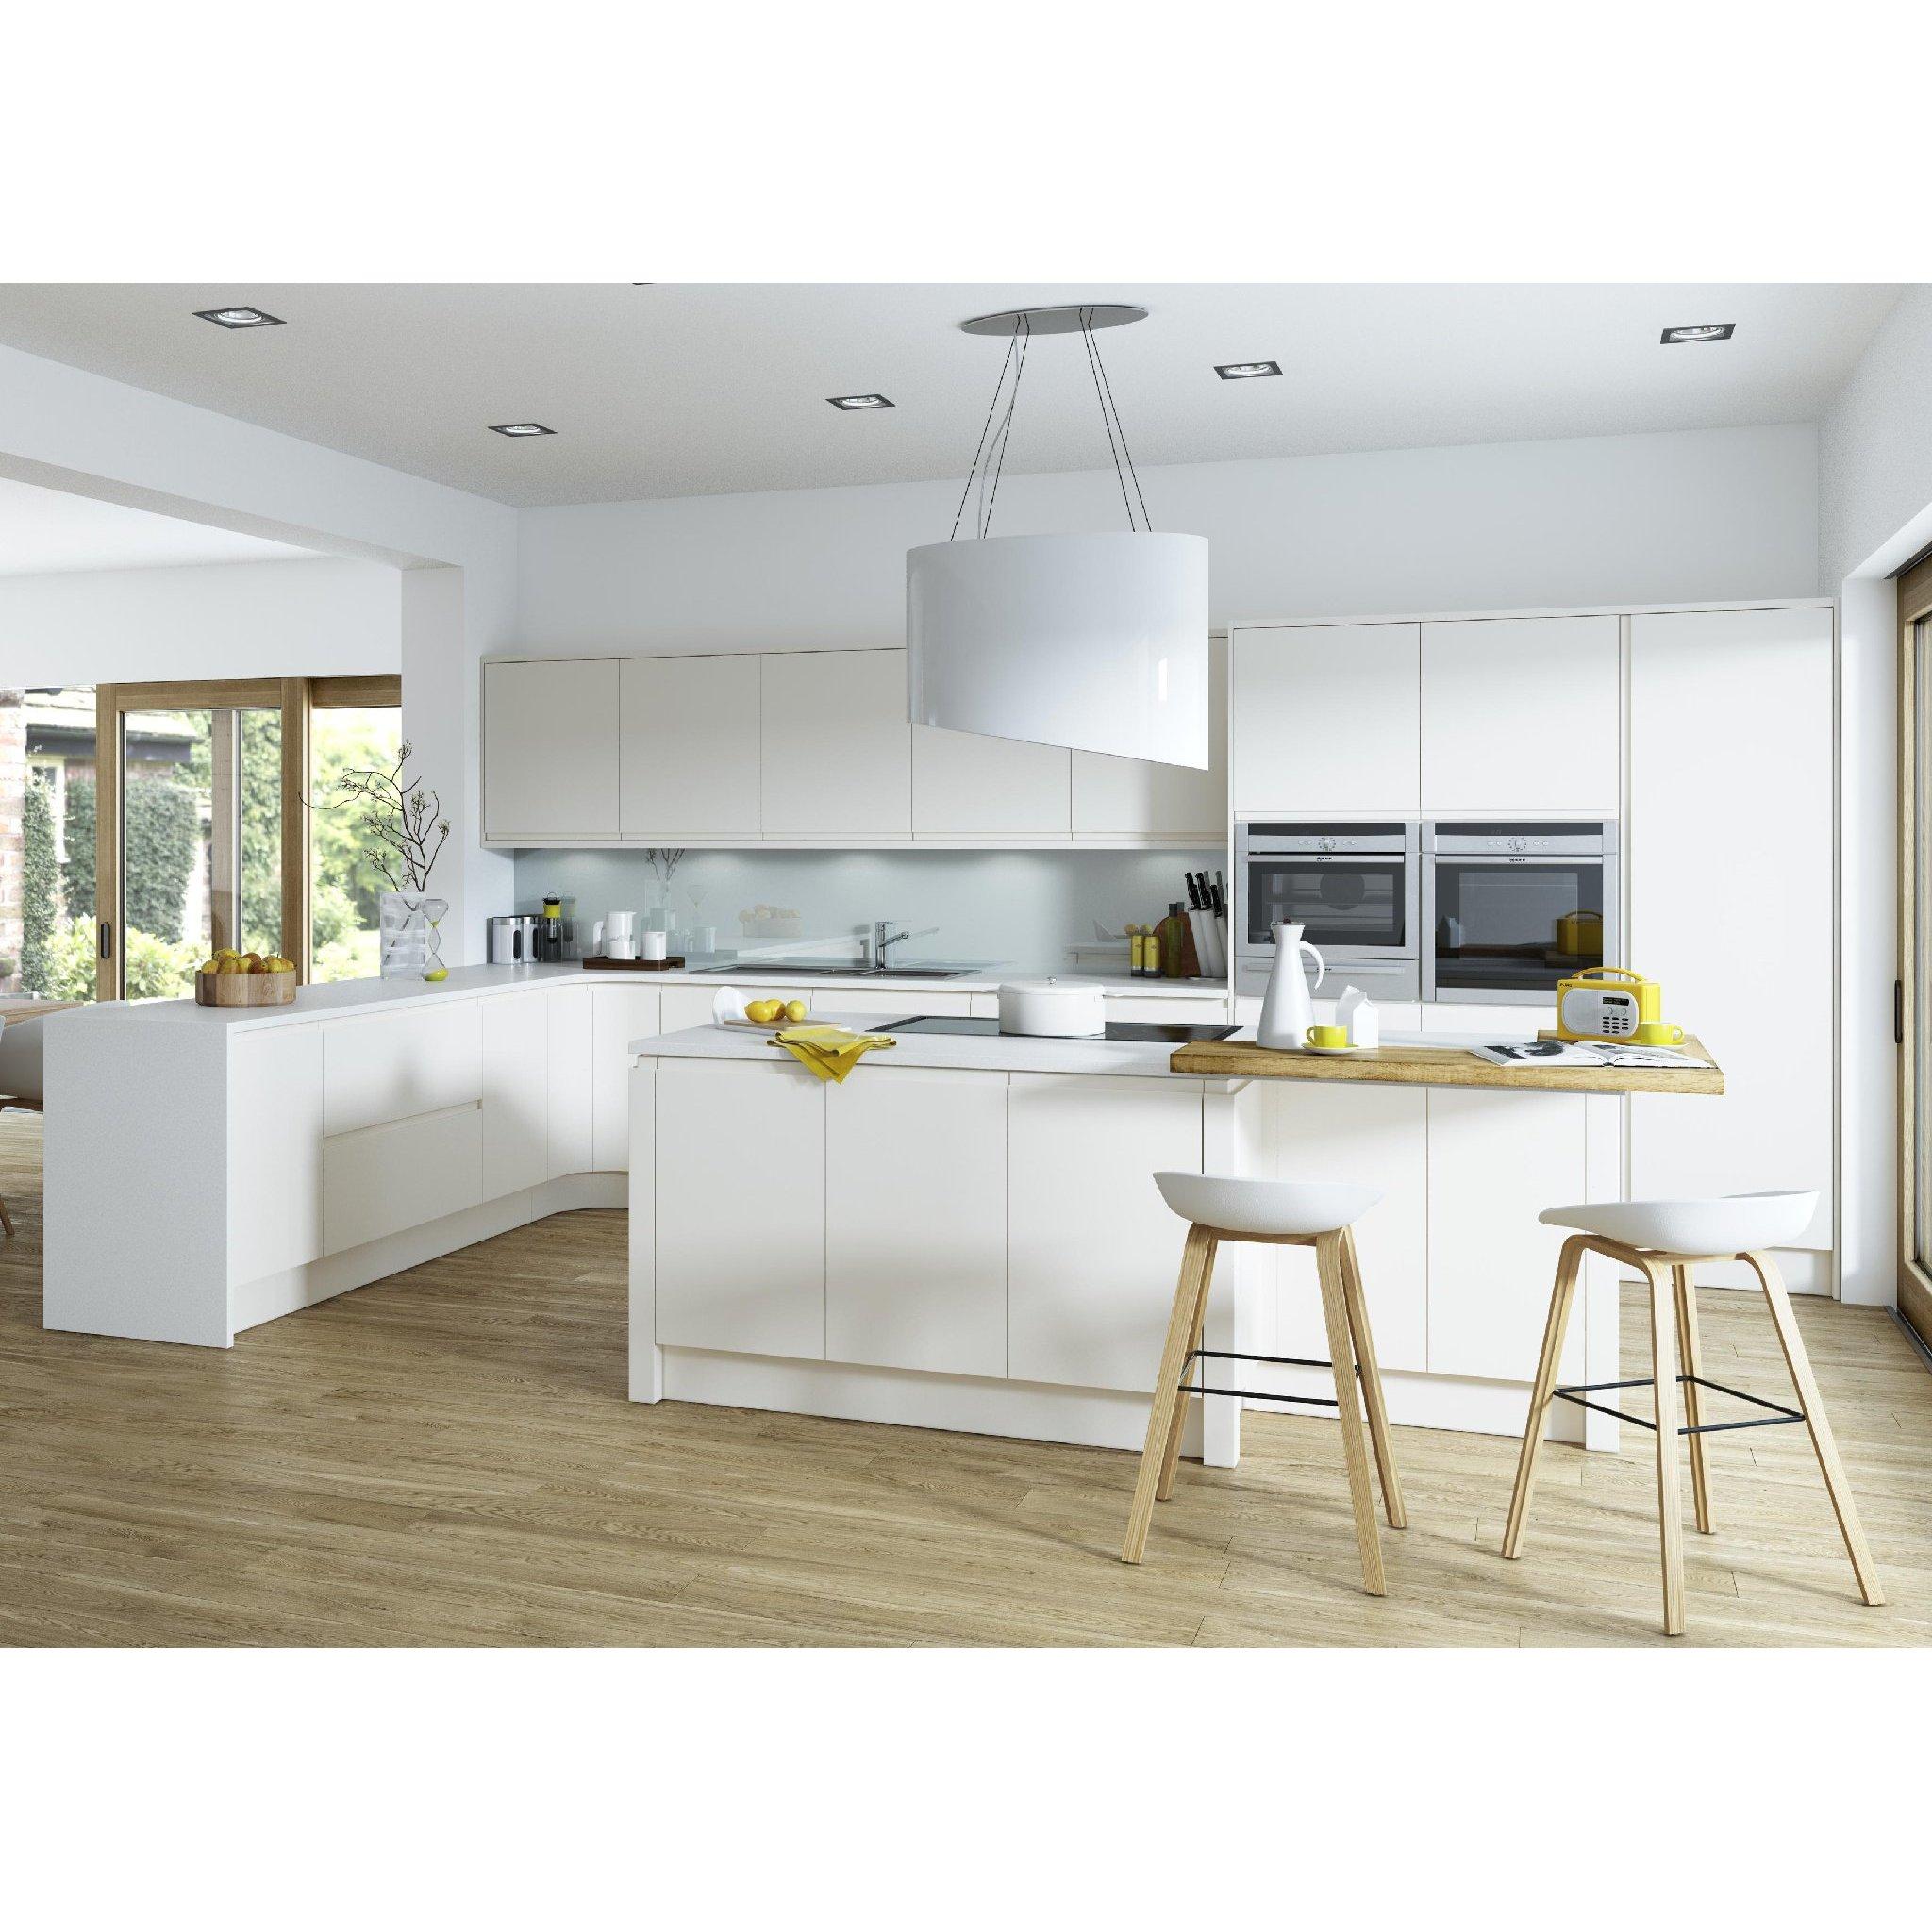 Designer Kitchens Direct 28 Images Designer Kitchens Direct